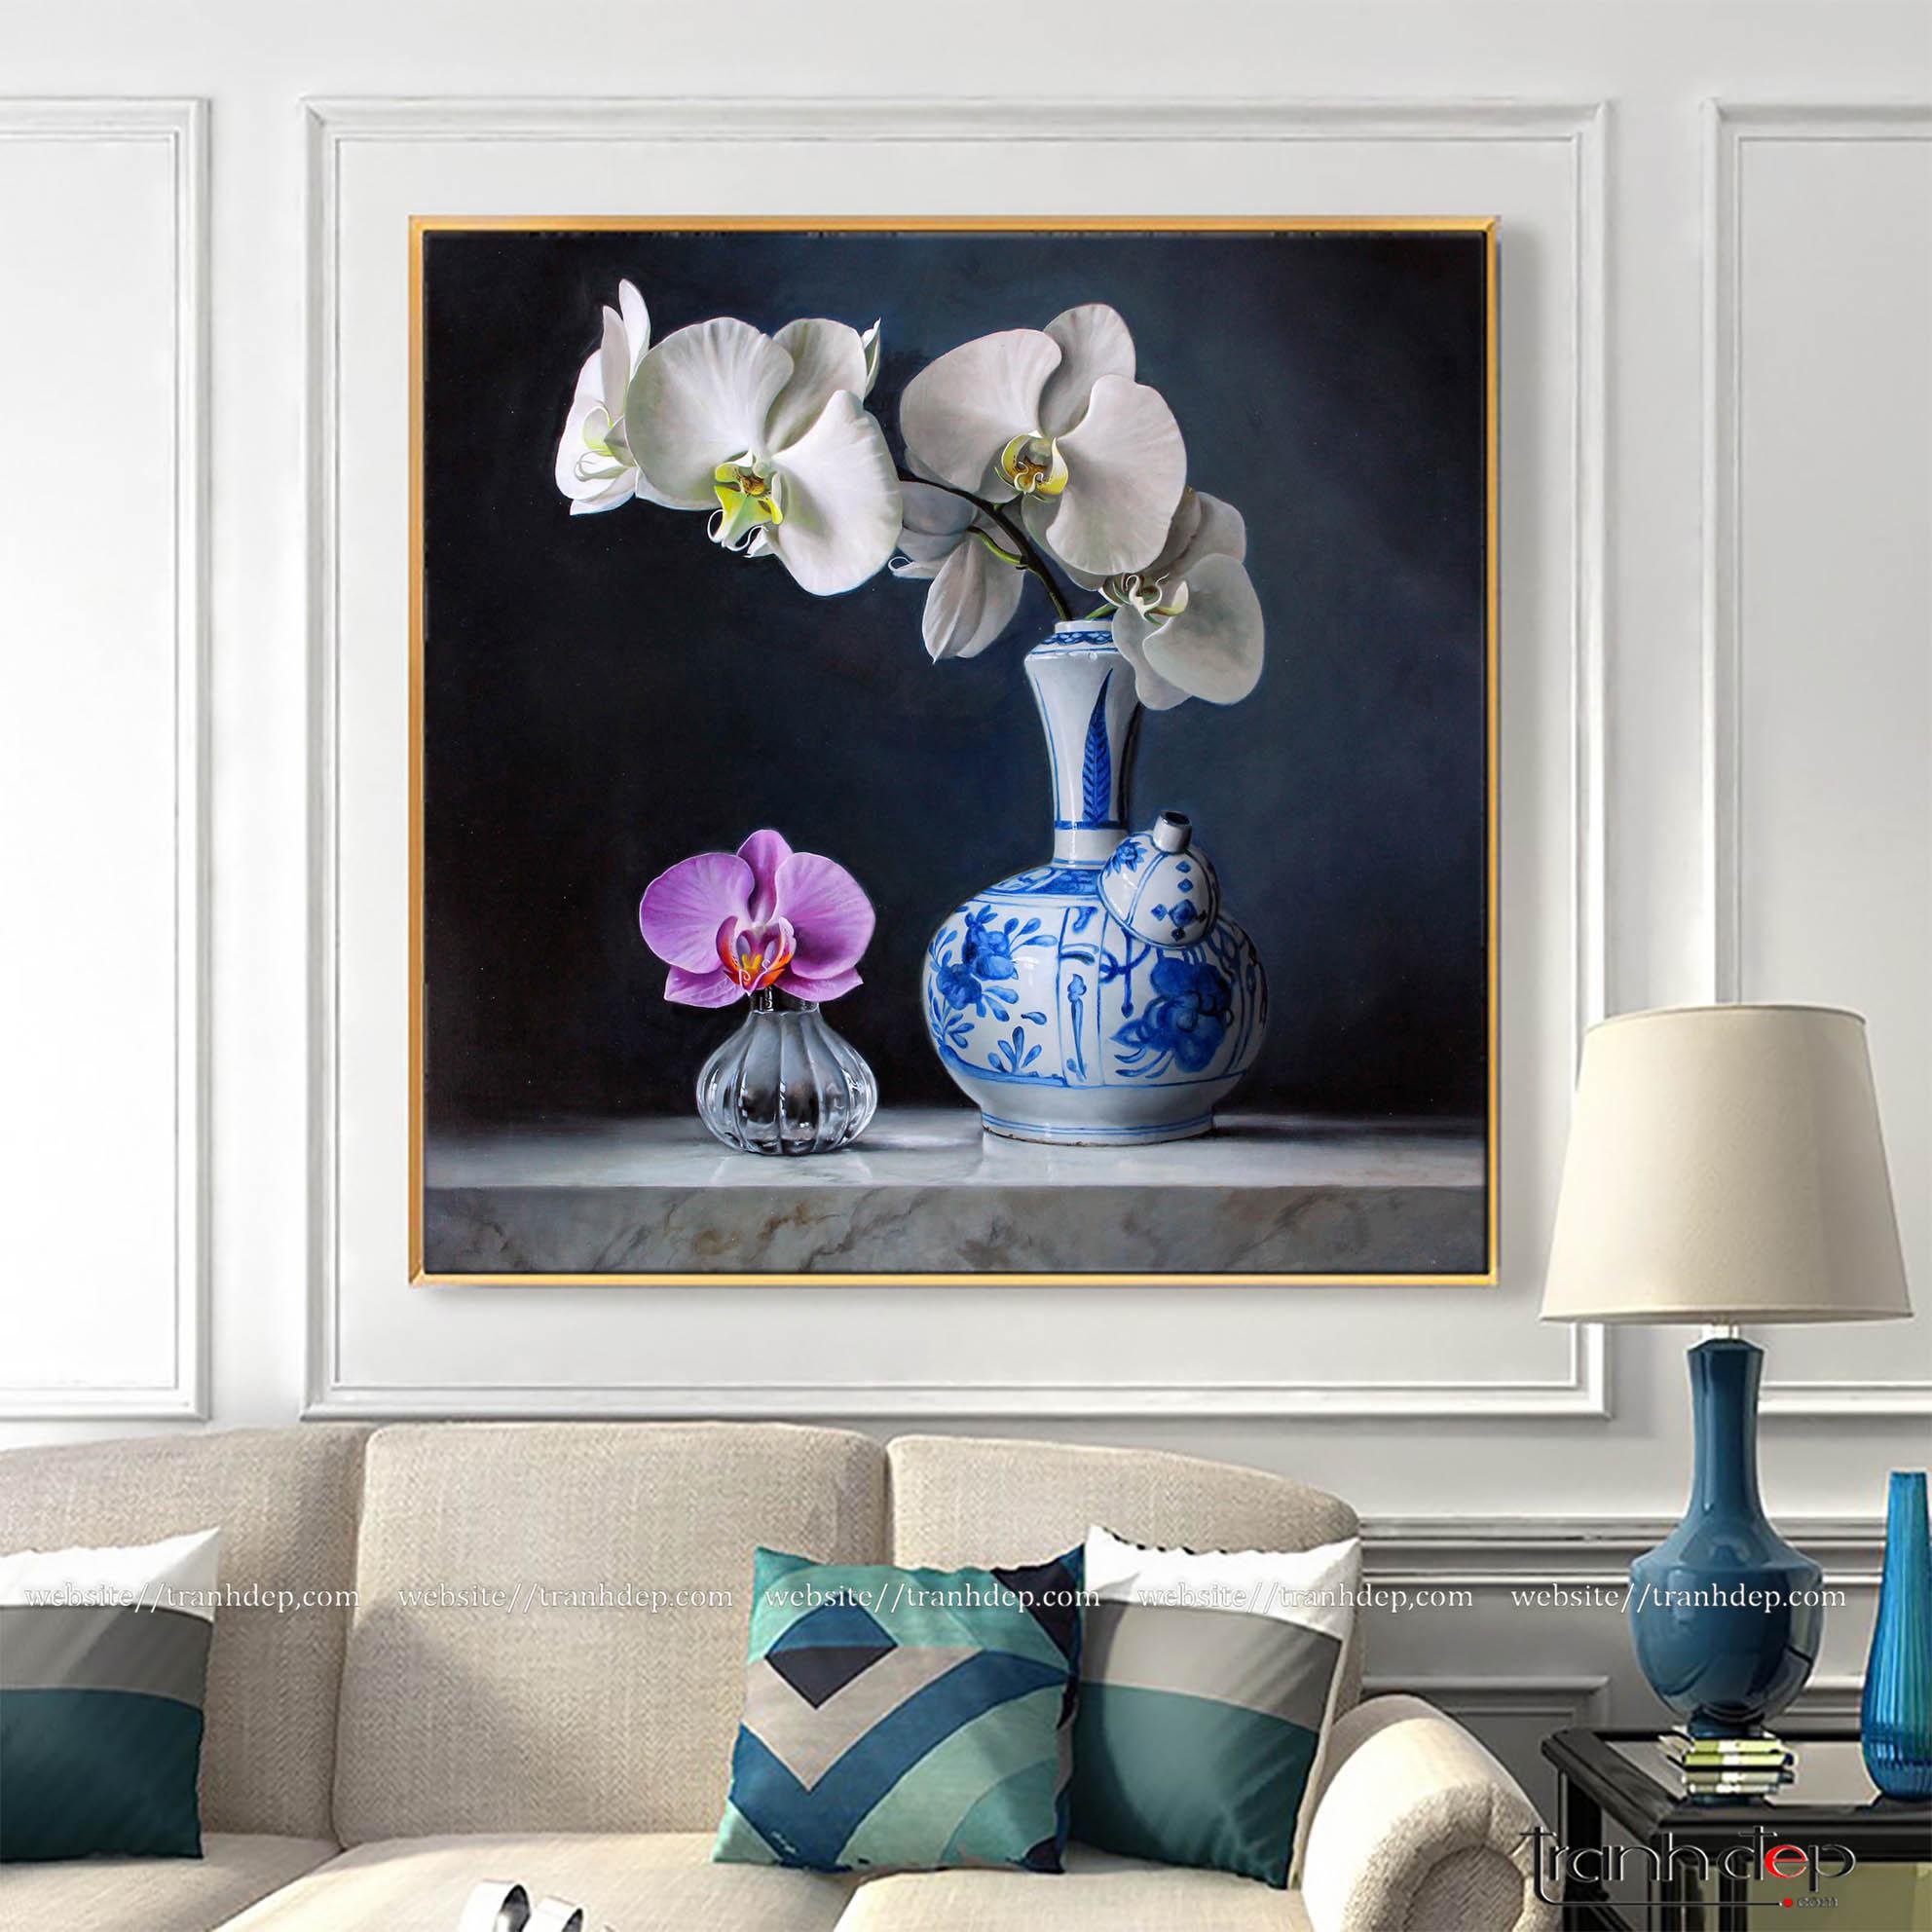 Tranh vẽ bình hoa độc đáo